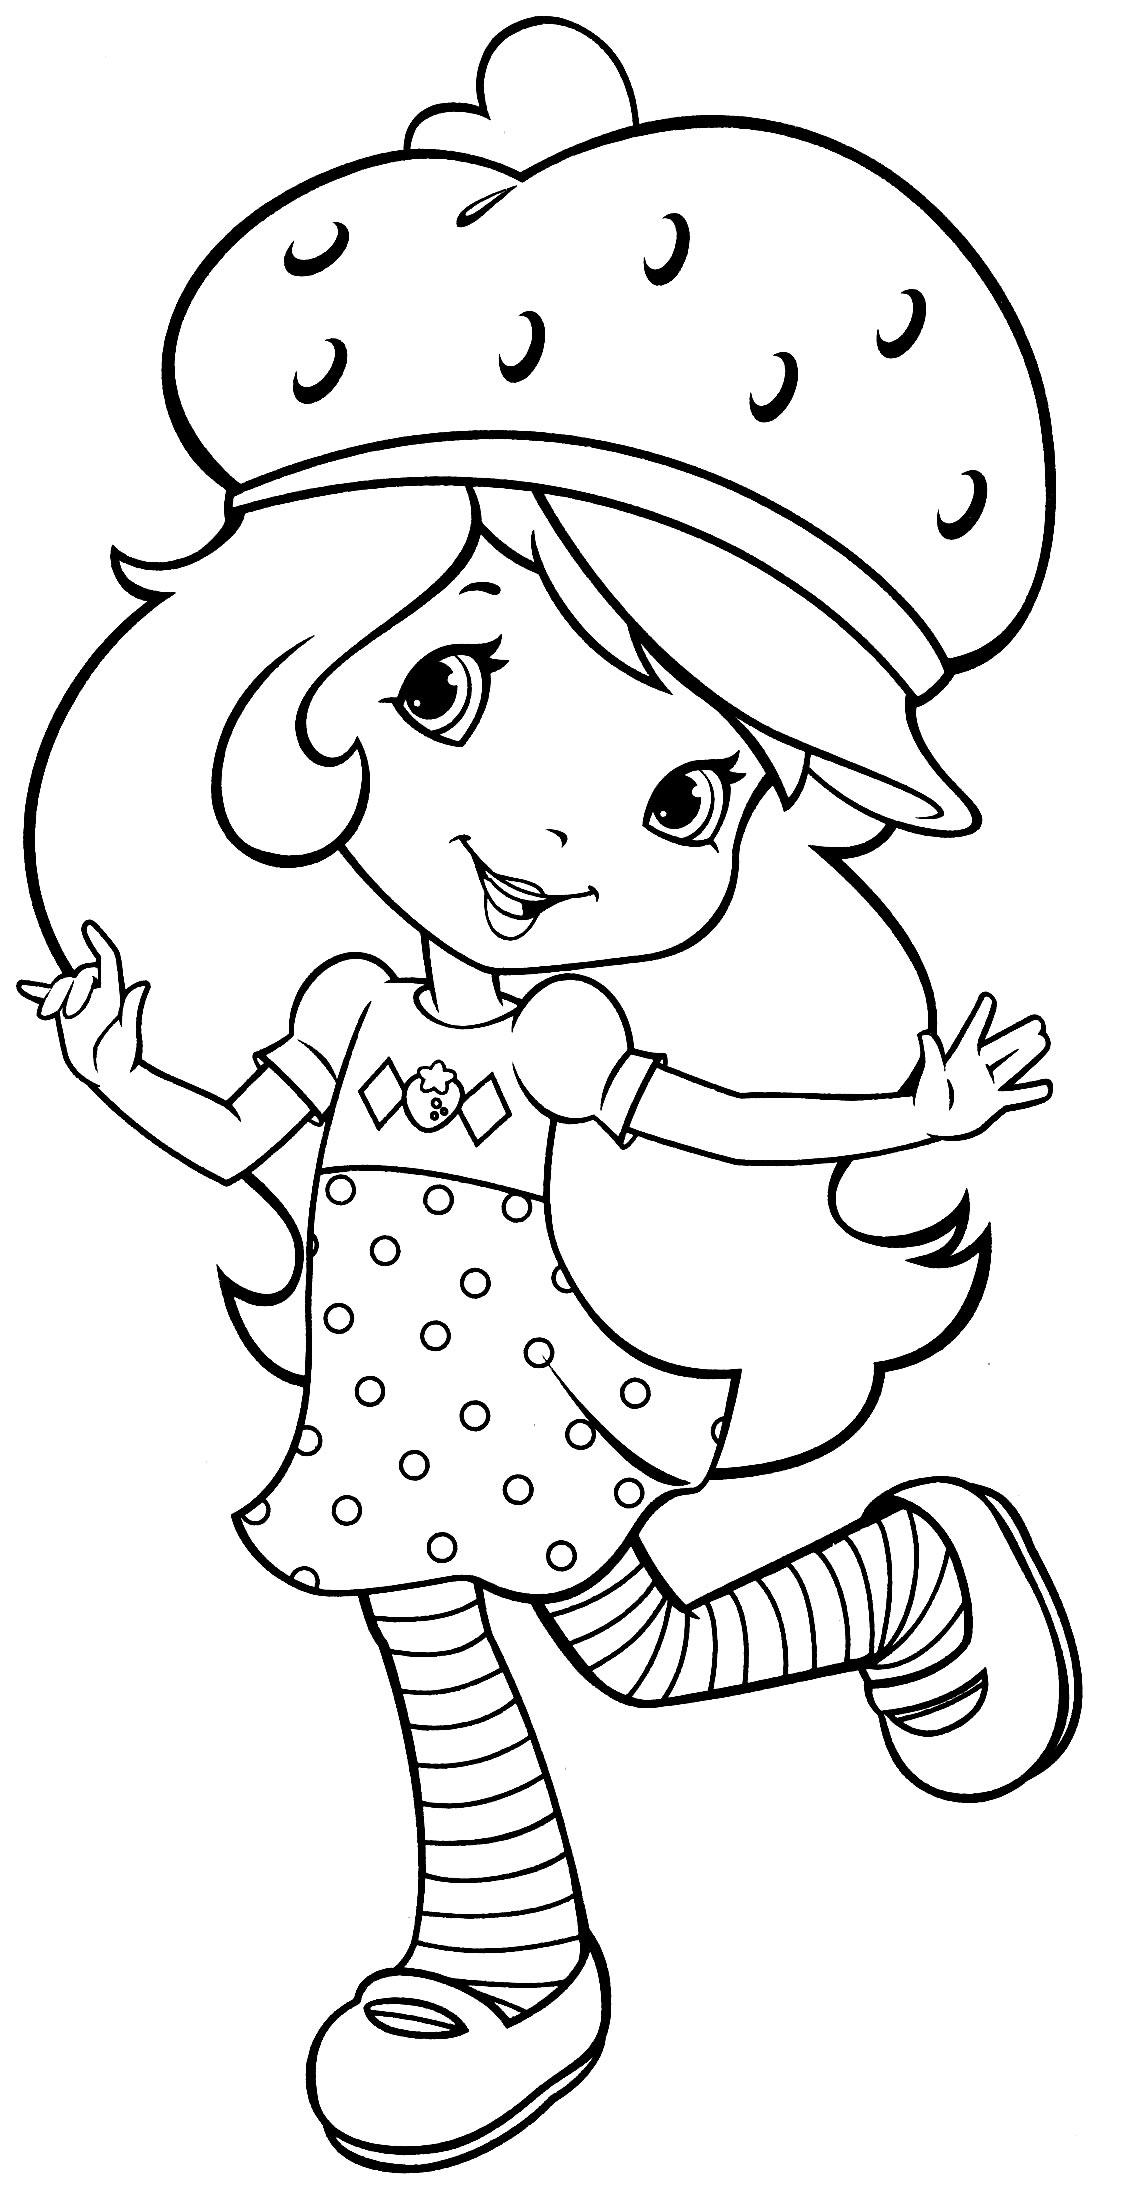 Desenho da Moranguinho para pintar